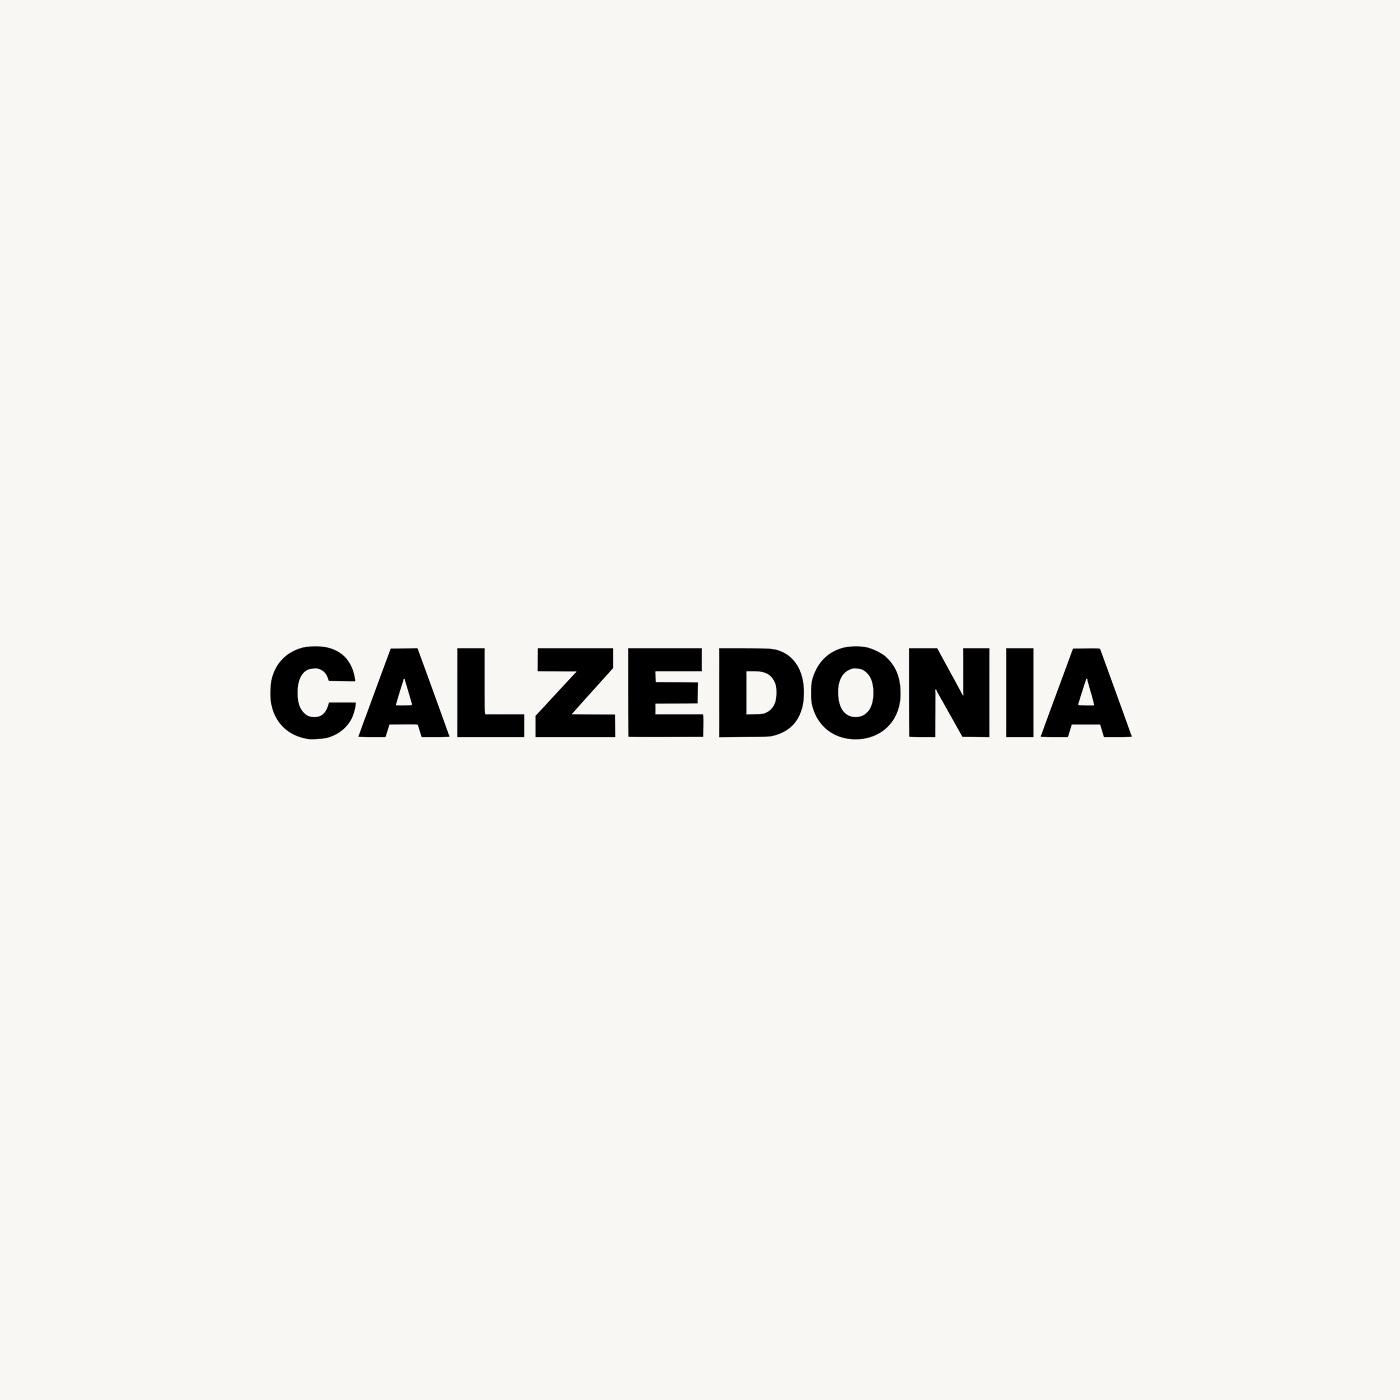 Calzedonia Logo.jpg